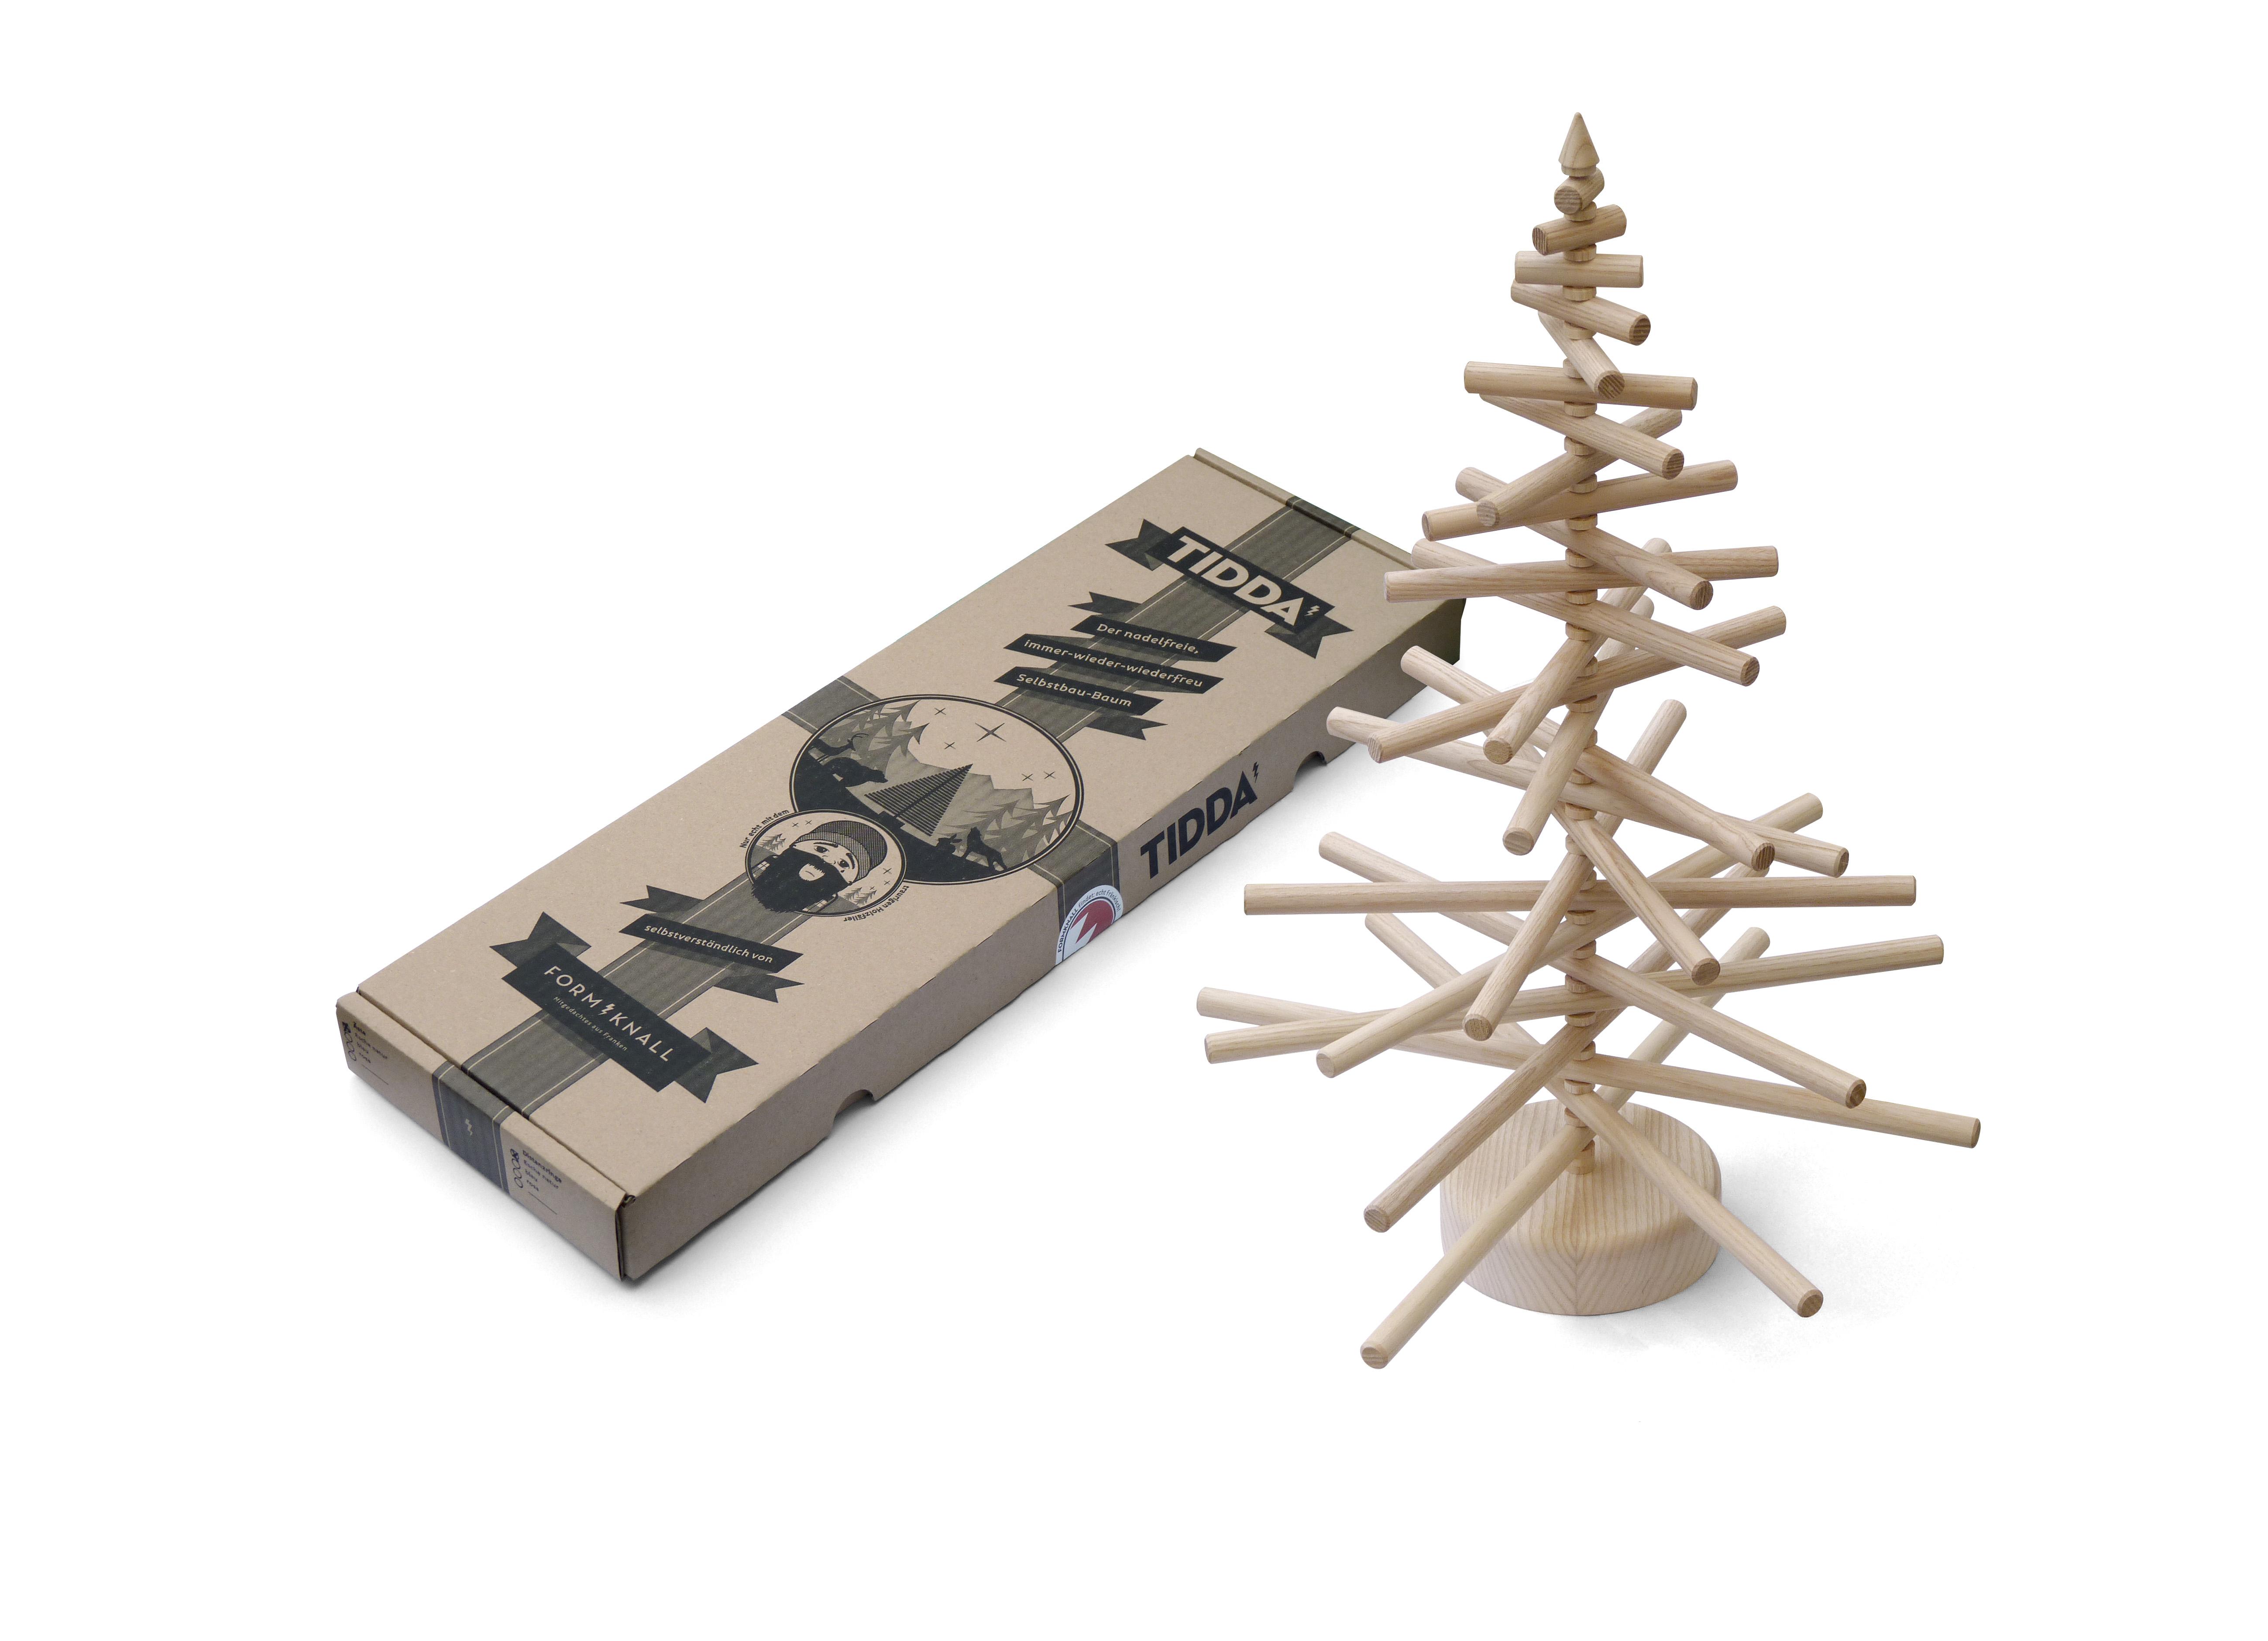 kreativer tidda esche holz weihnachtsbaum basteln und bauen isyliving isybe. Black Bedroom Furniture Sets. Home Design Ideas